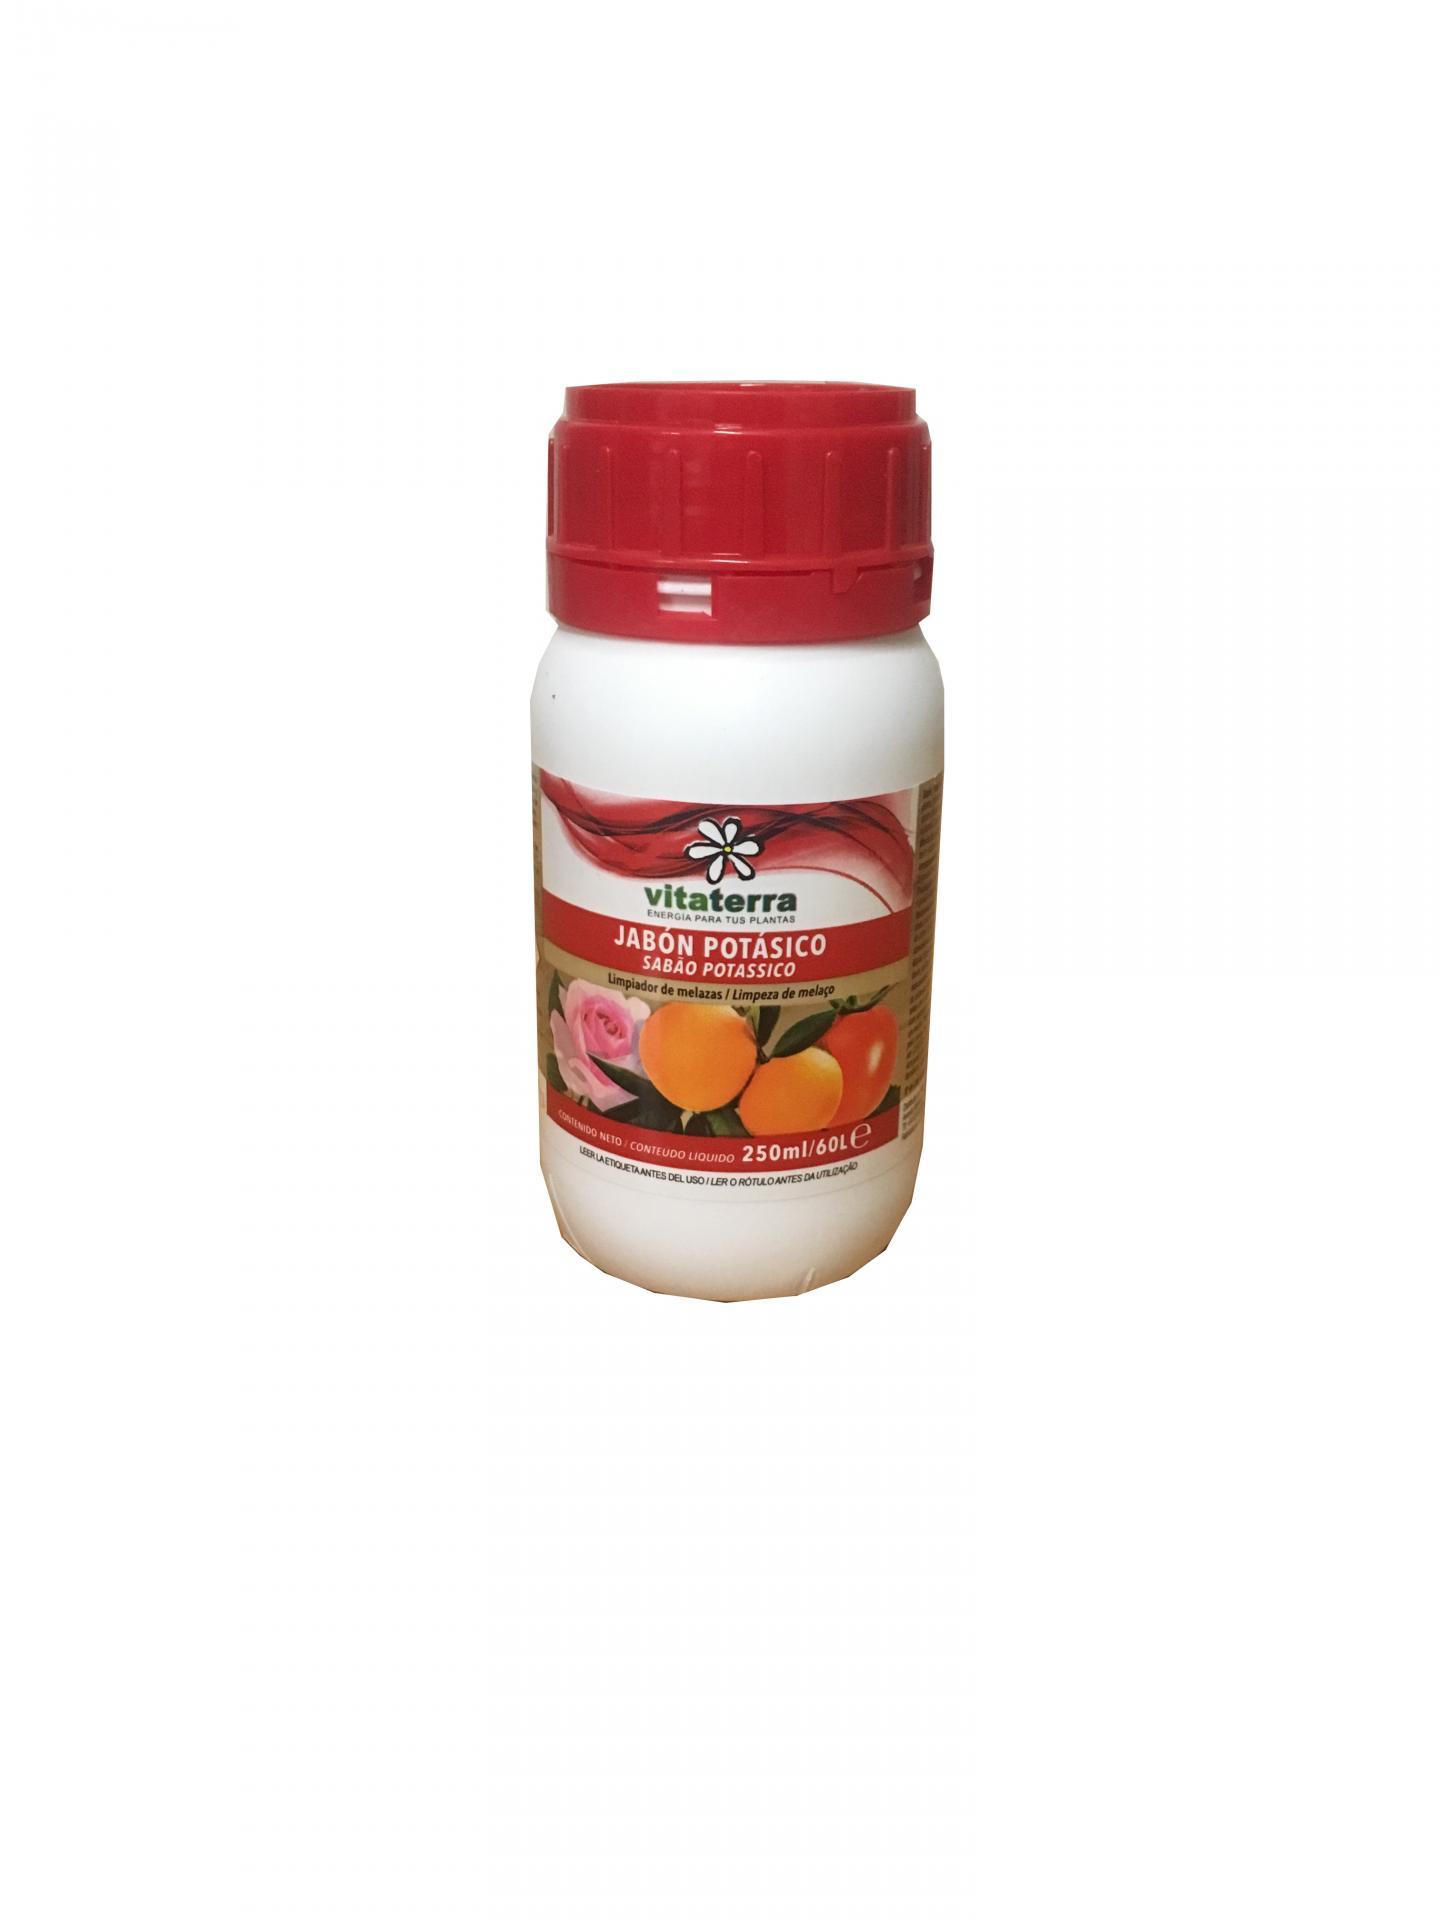 Jabon Potasico Vitaterra 250 ml